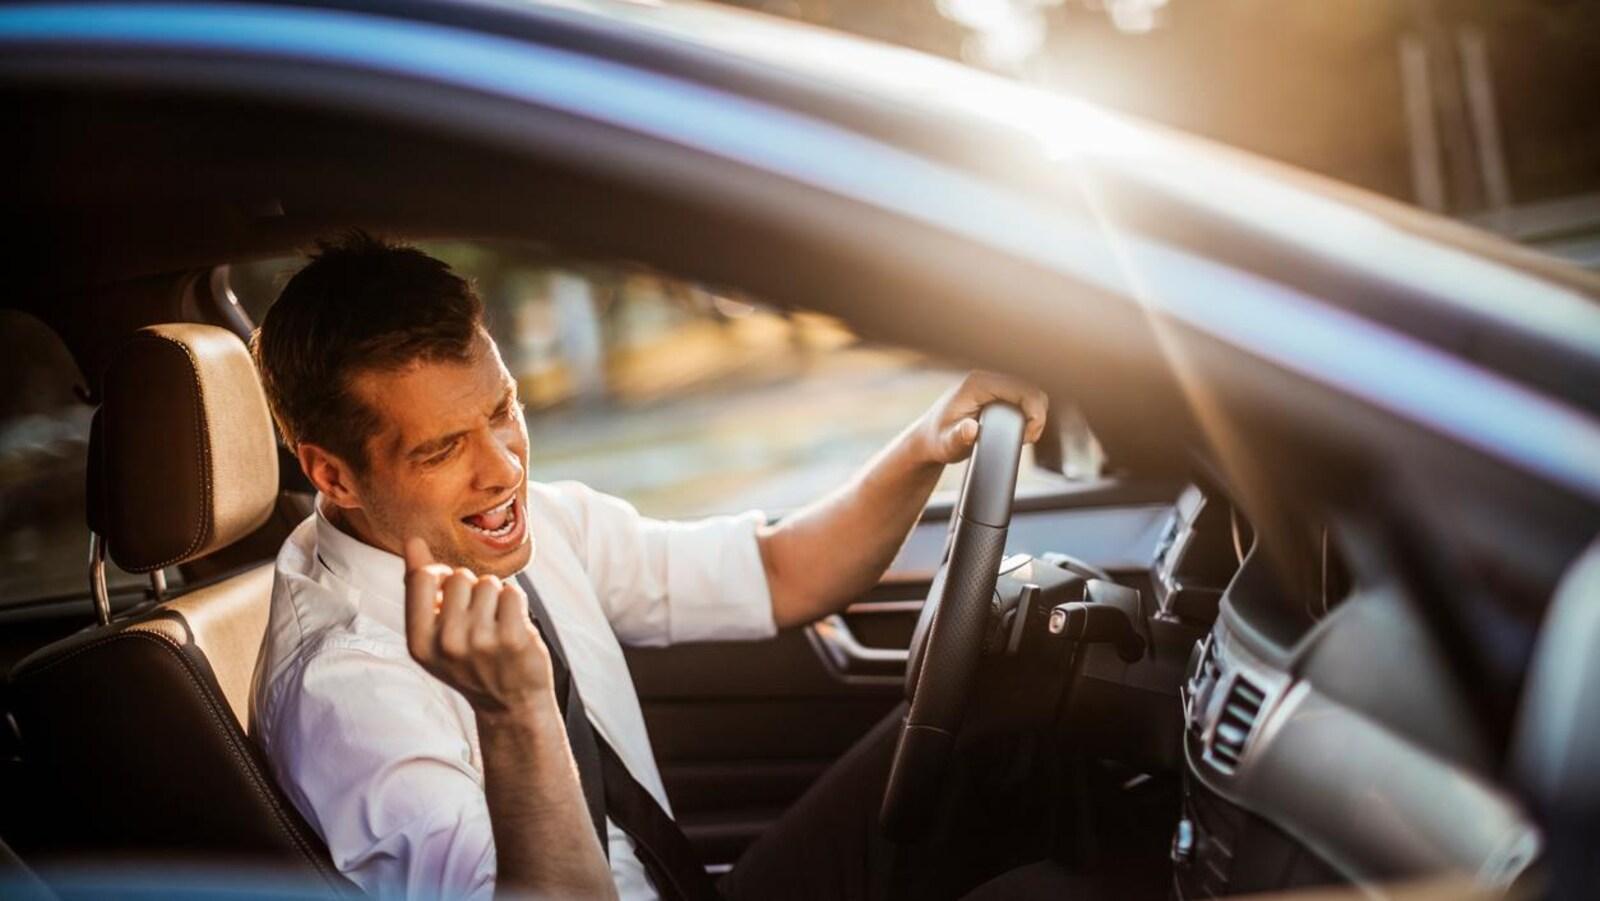 Un homme chante en voiture.